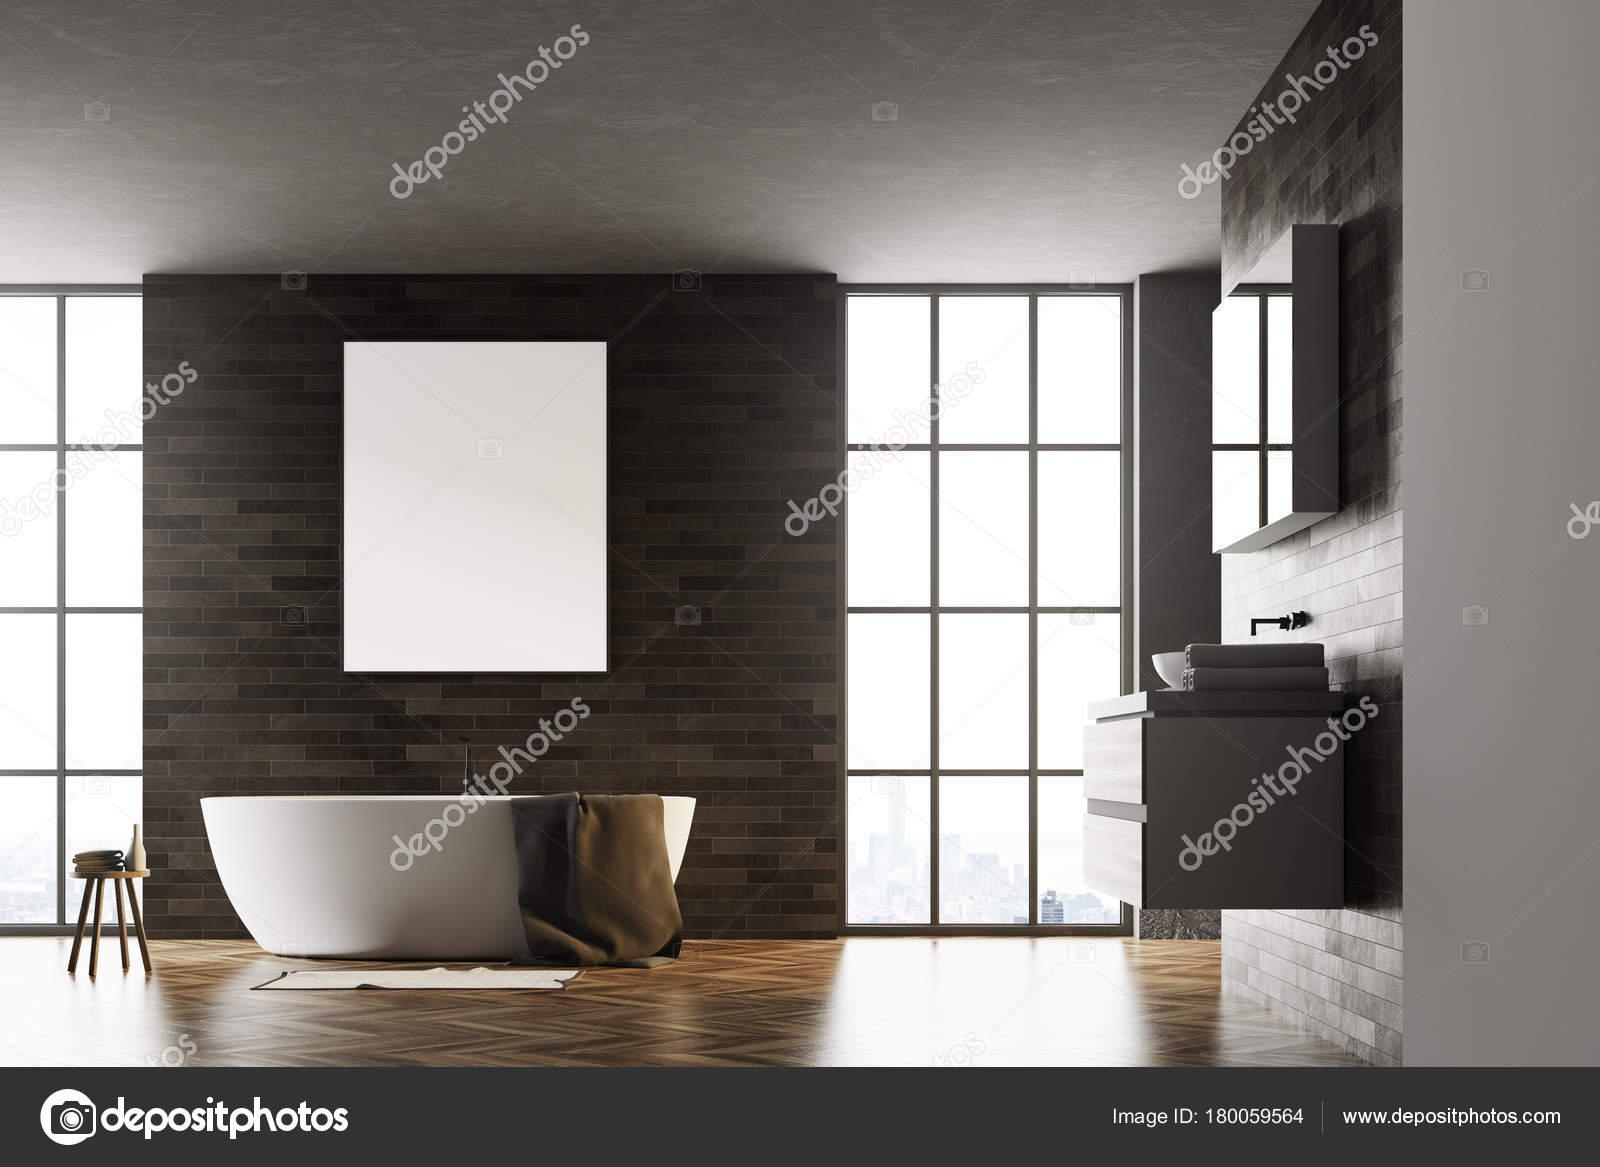 Modern Badkamer Interieur : Moderne badkamer interieur poster zwart u stockfoto